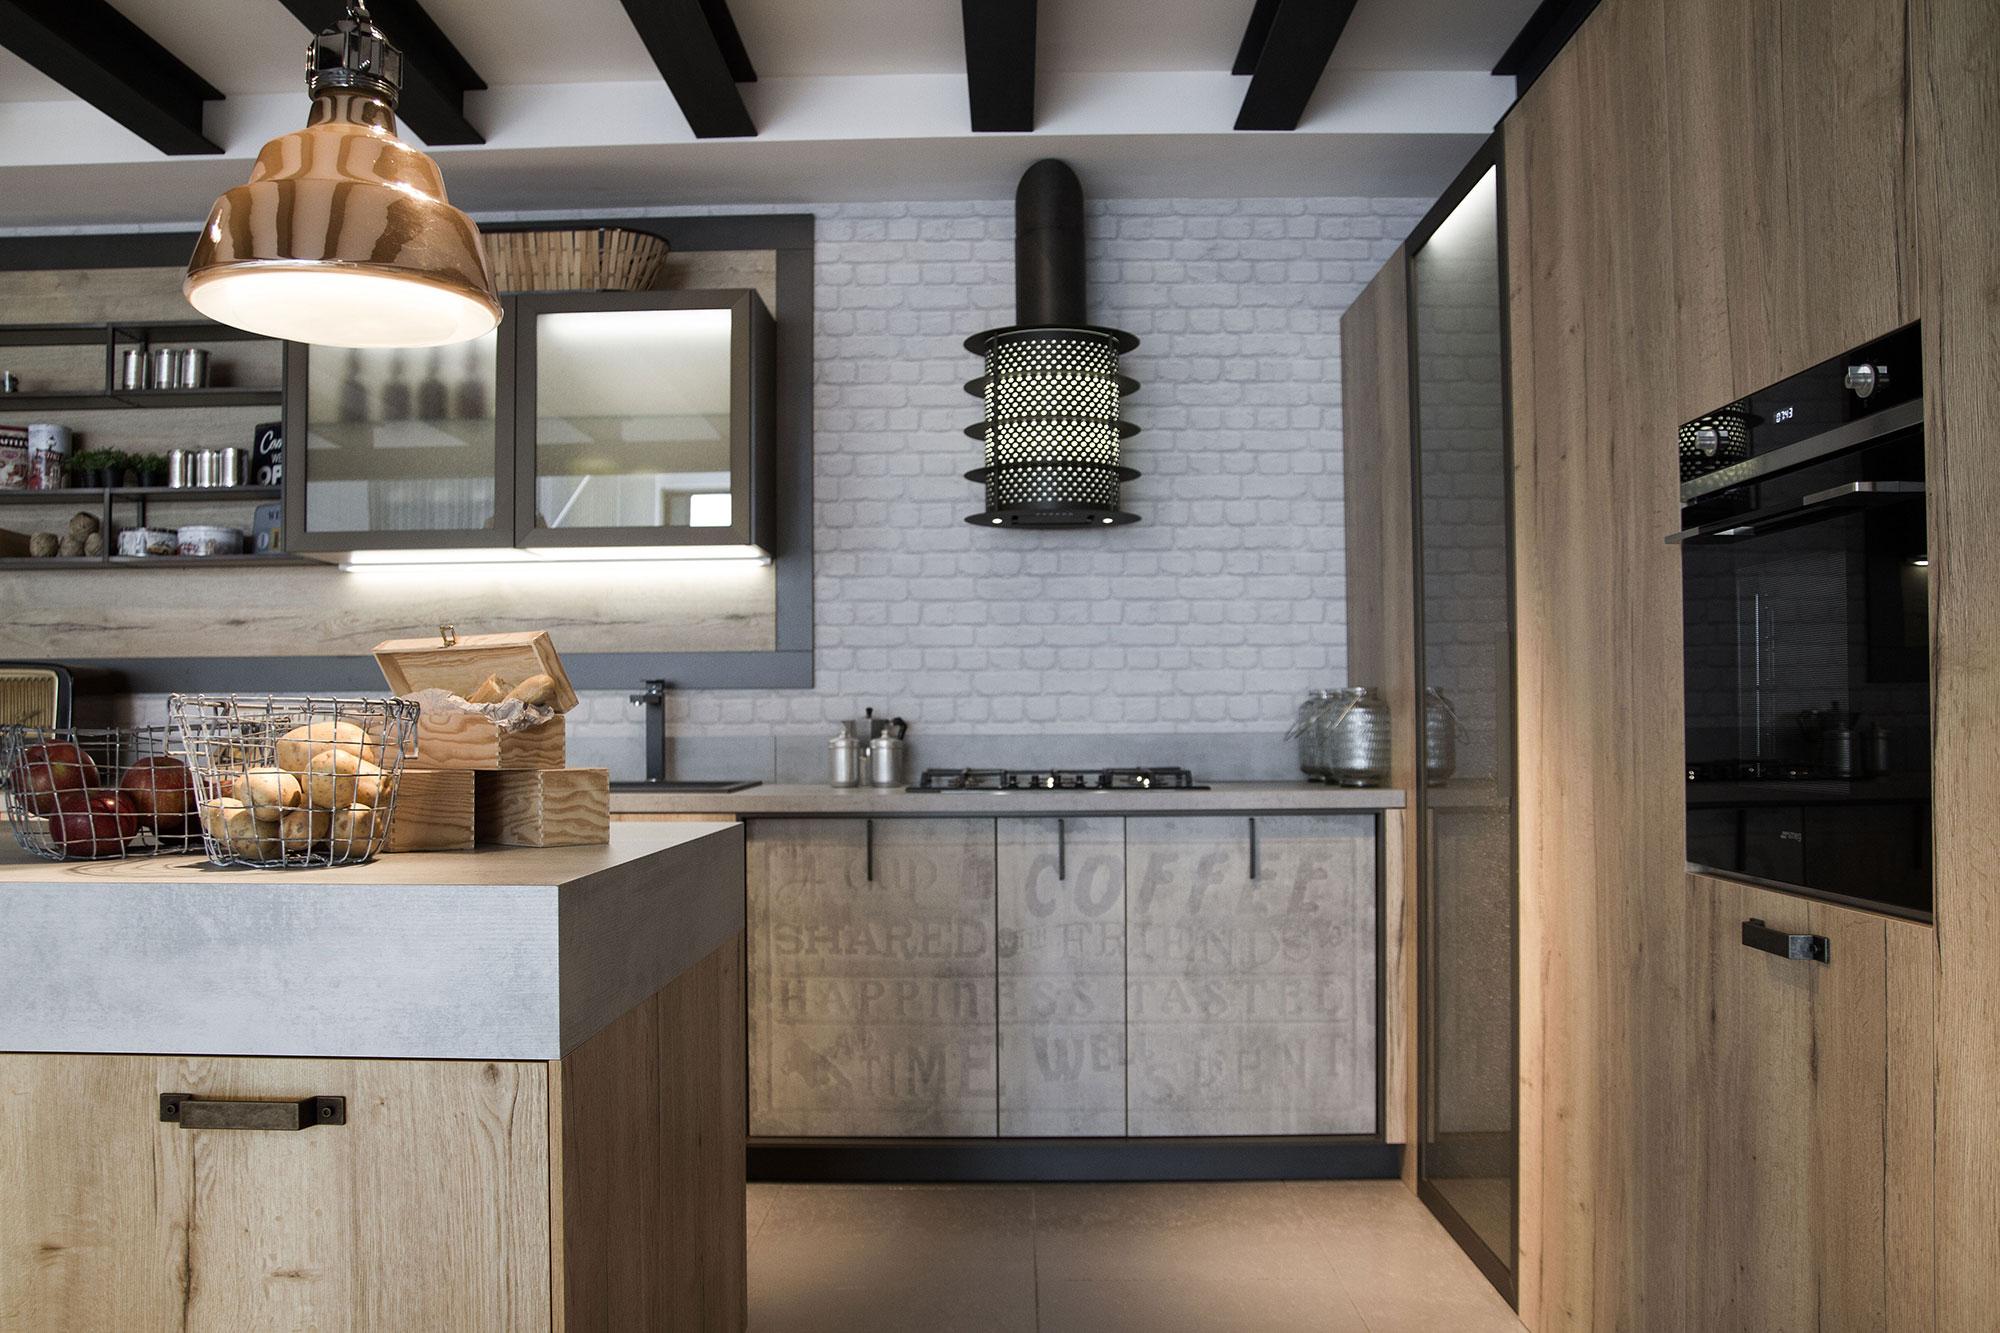 Loft cucina snaidero centro cucine oltrepo - Cucine snaidero moderne ...